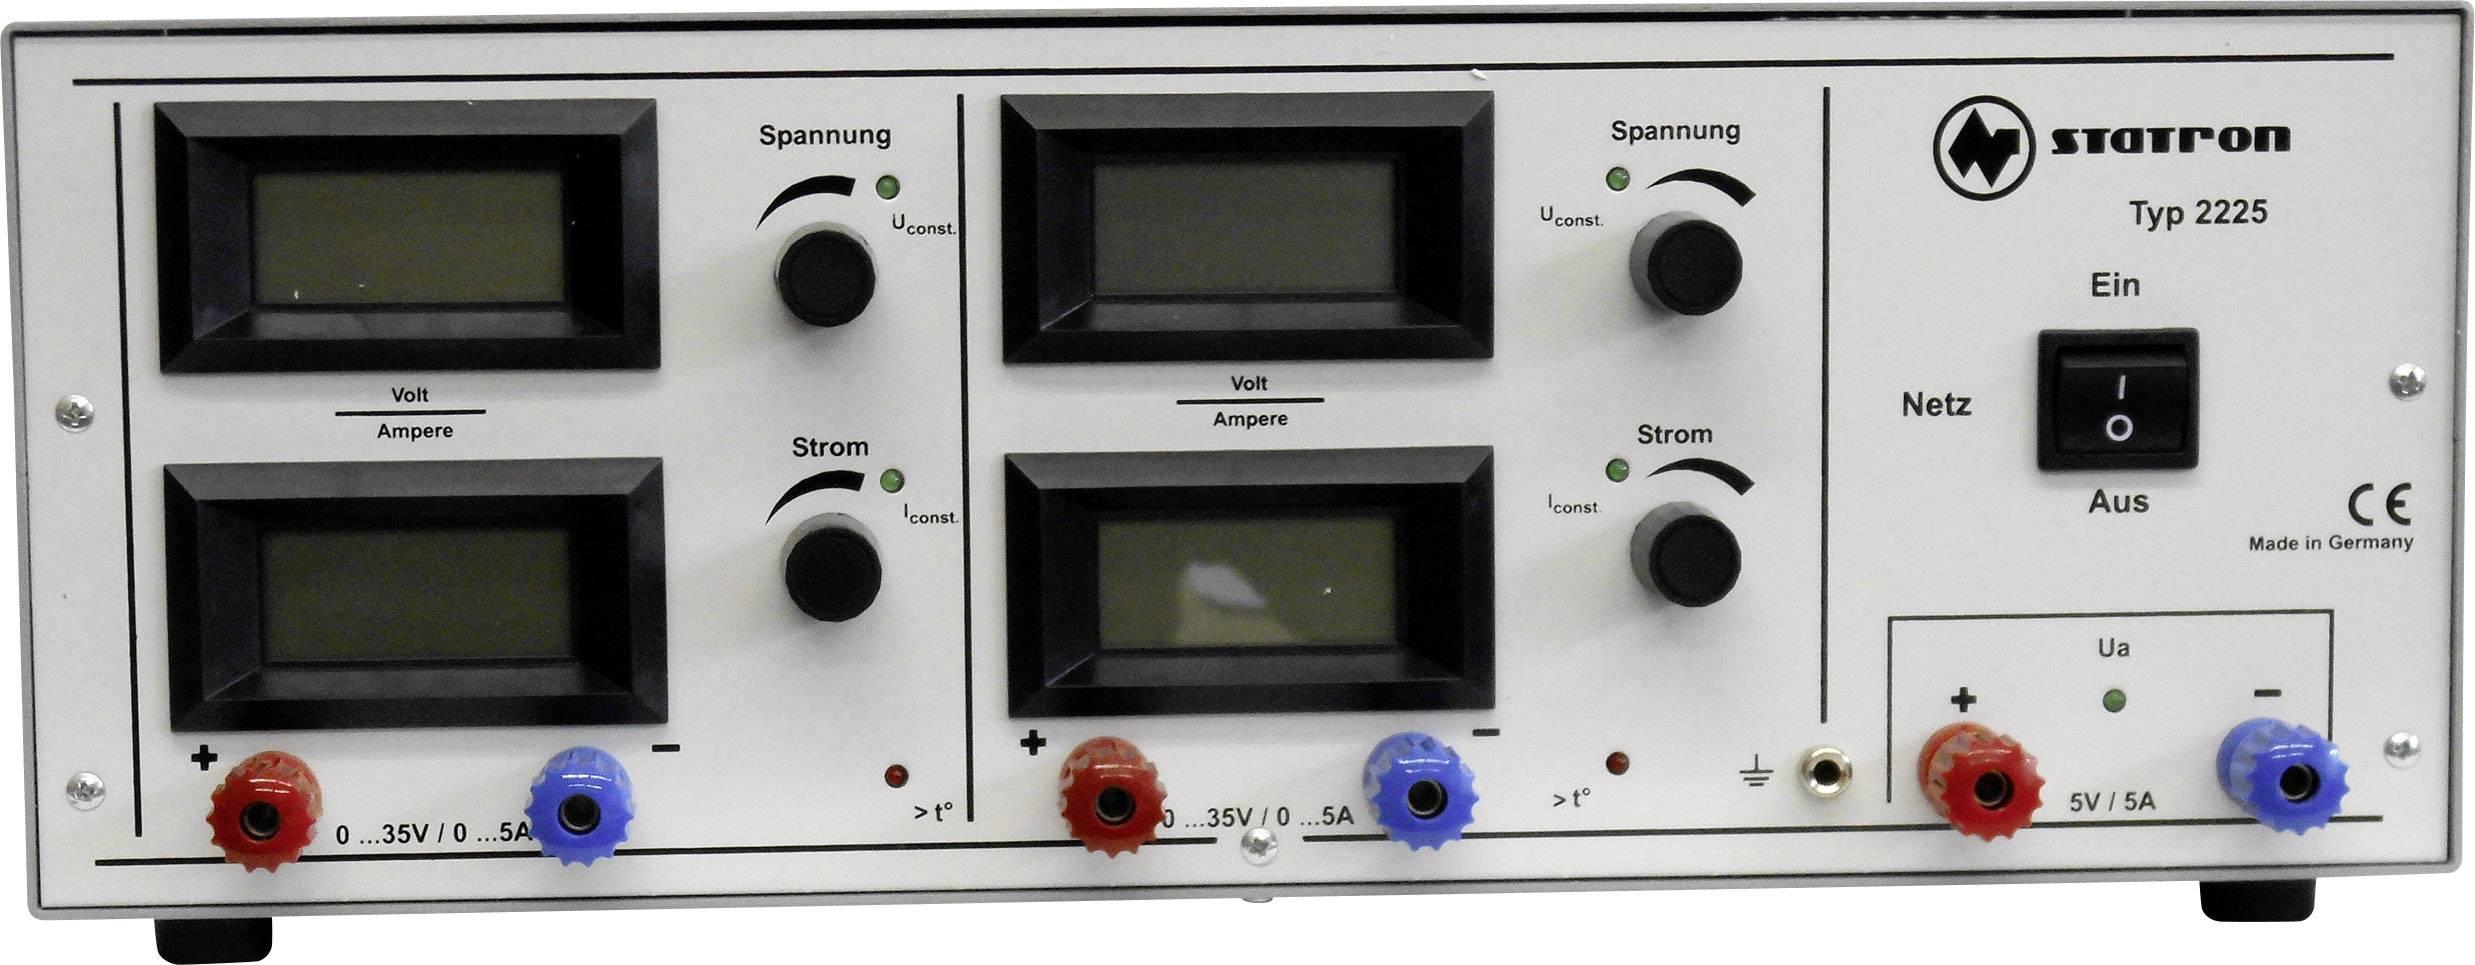 Laboratórny zdroj s nastaviteľným napätím Statron 2225.4